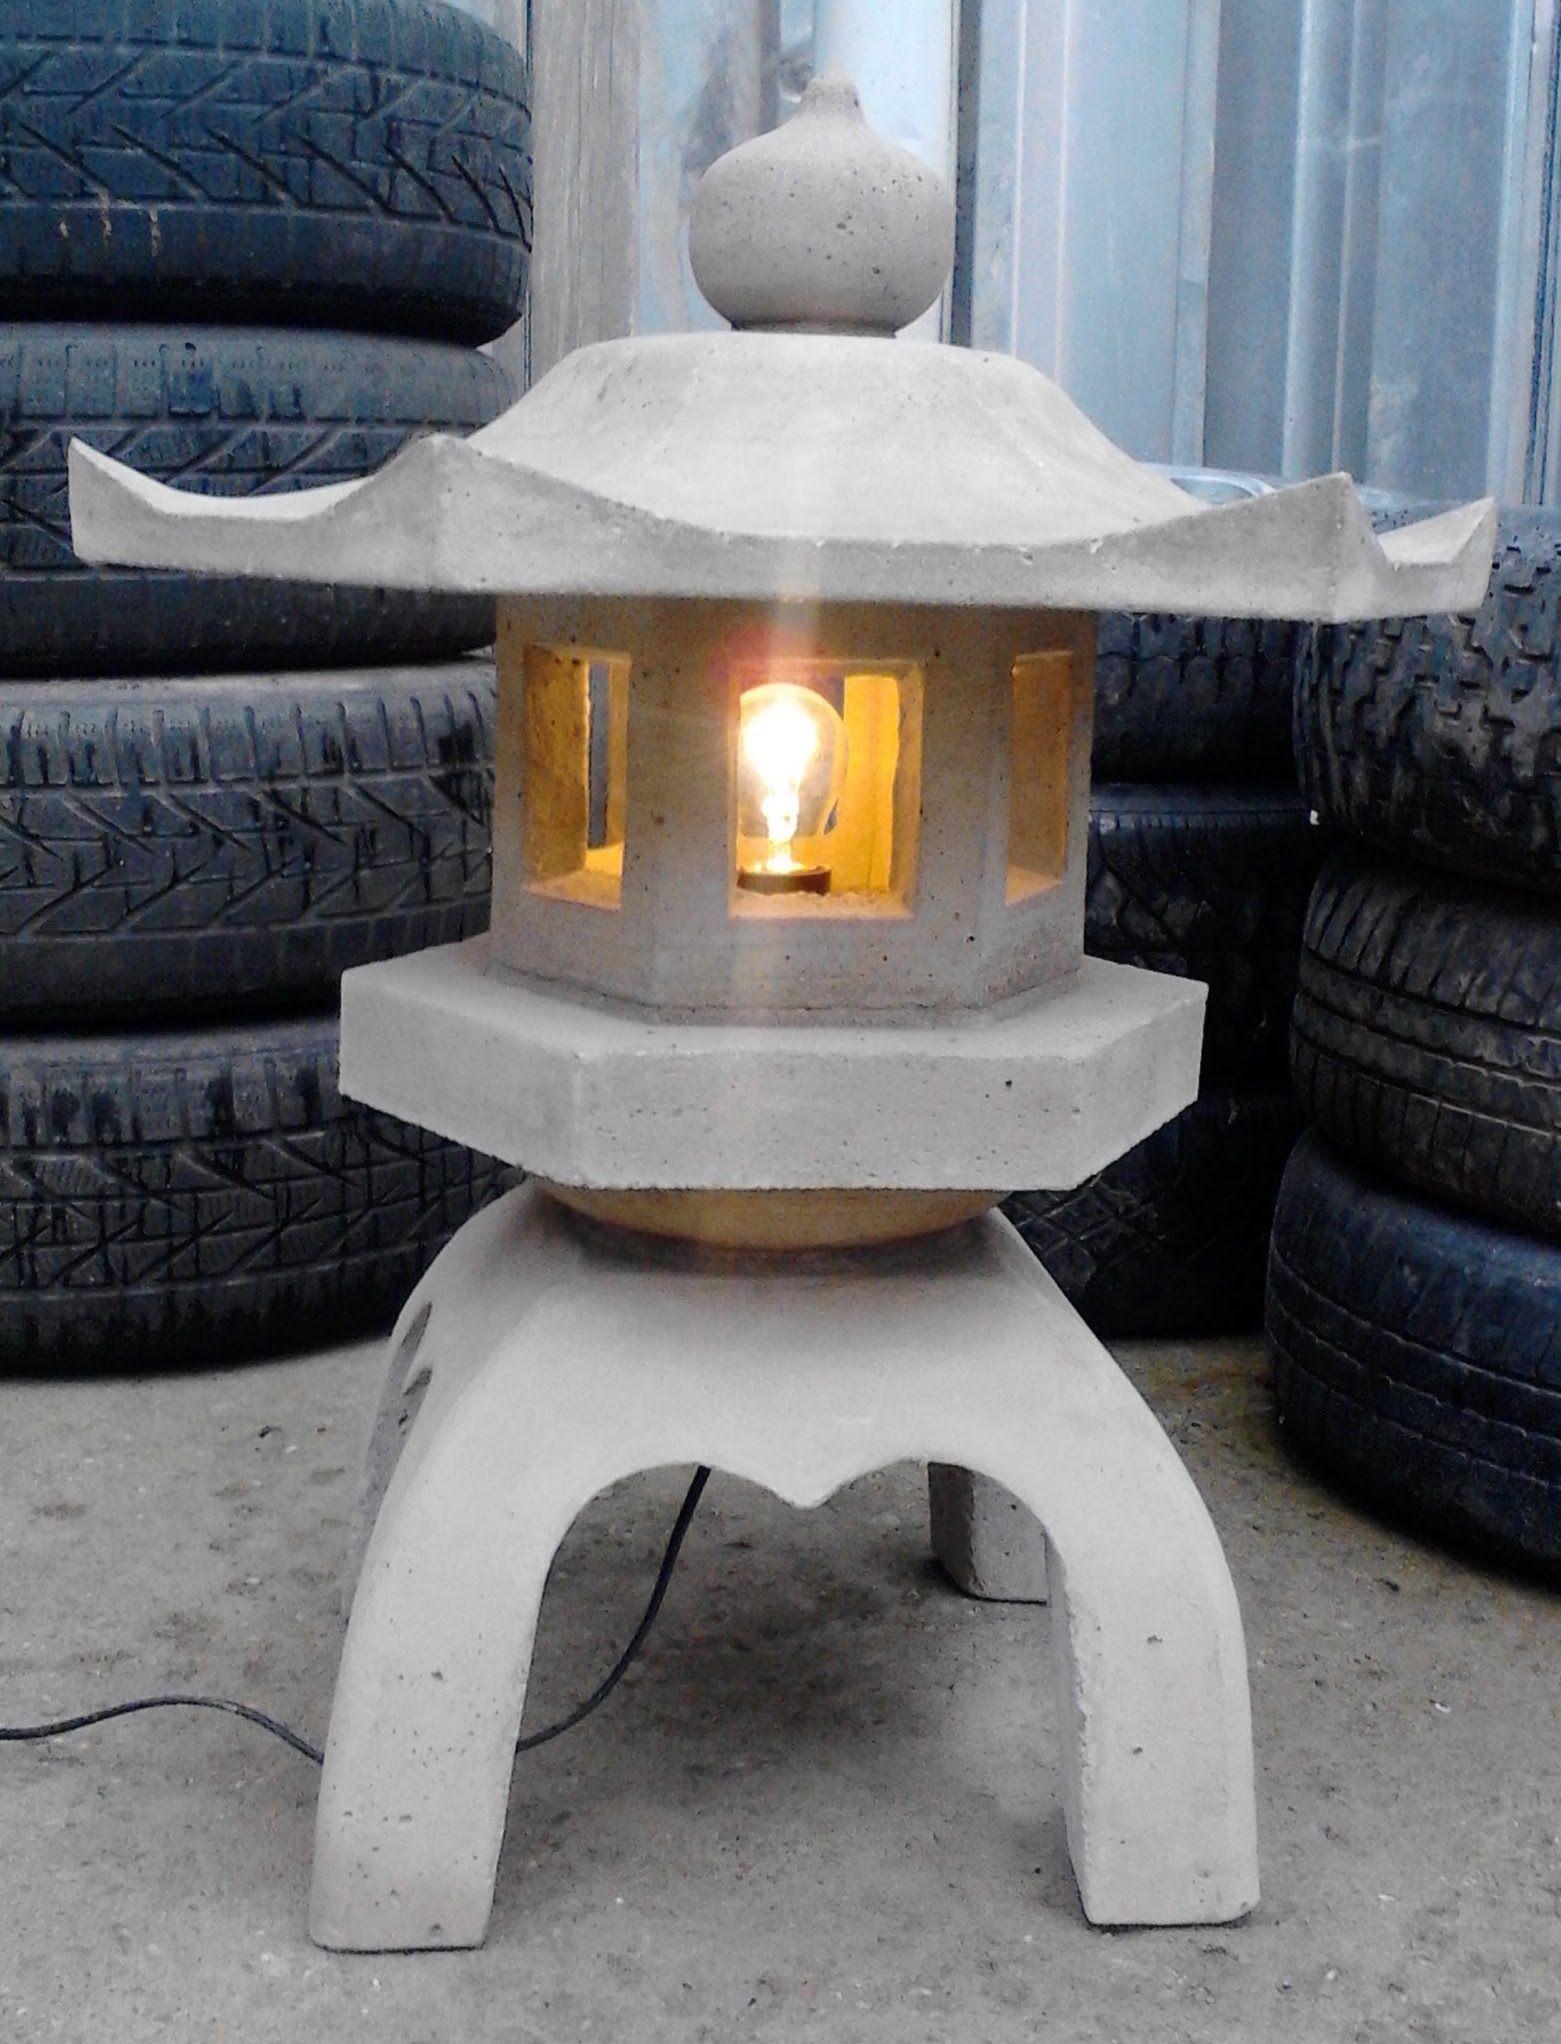 Making a concrete japanese lantern  lanterns  Pinterest